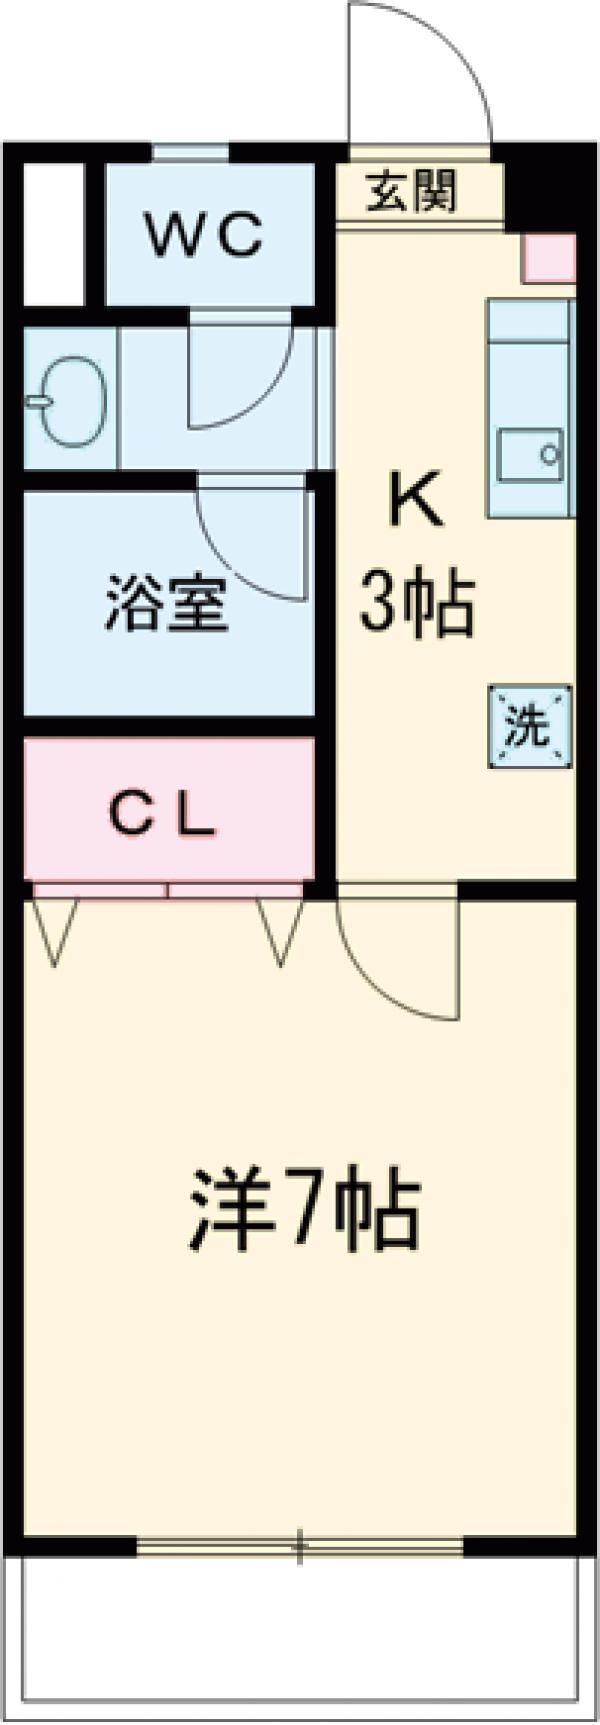 丹木田口ビル・210号室の間取り